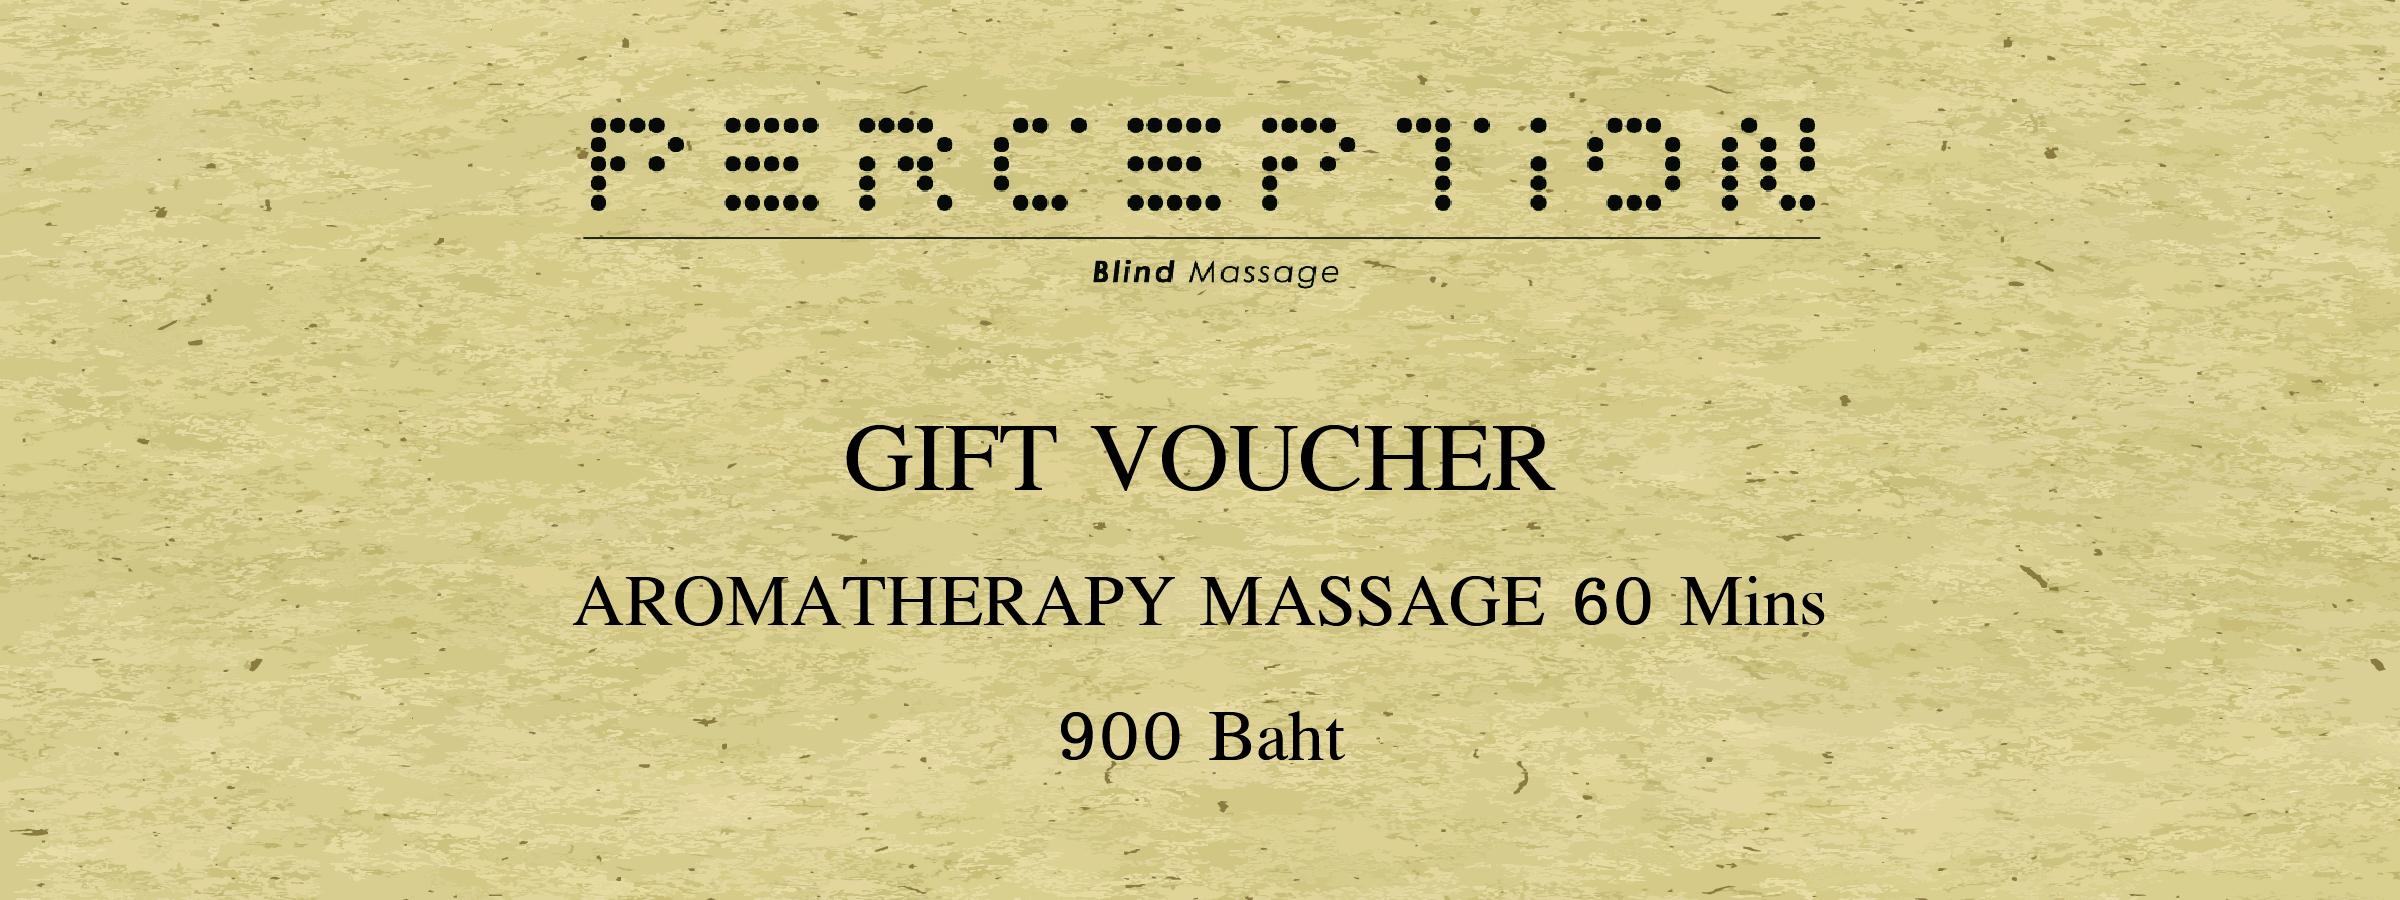 60 Mins Aromatherapy Massage